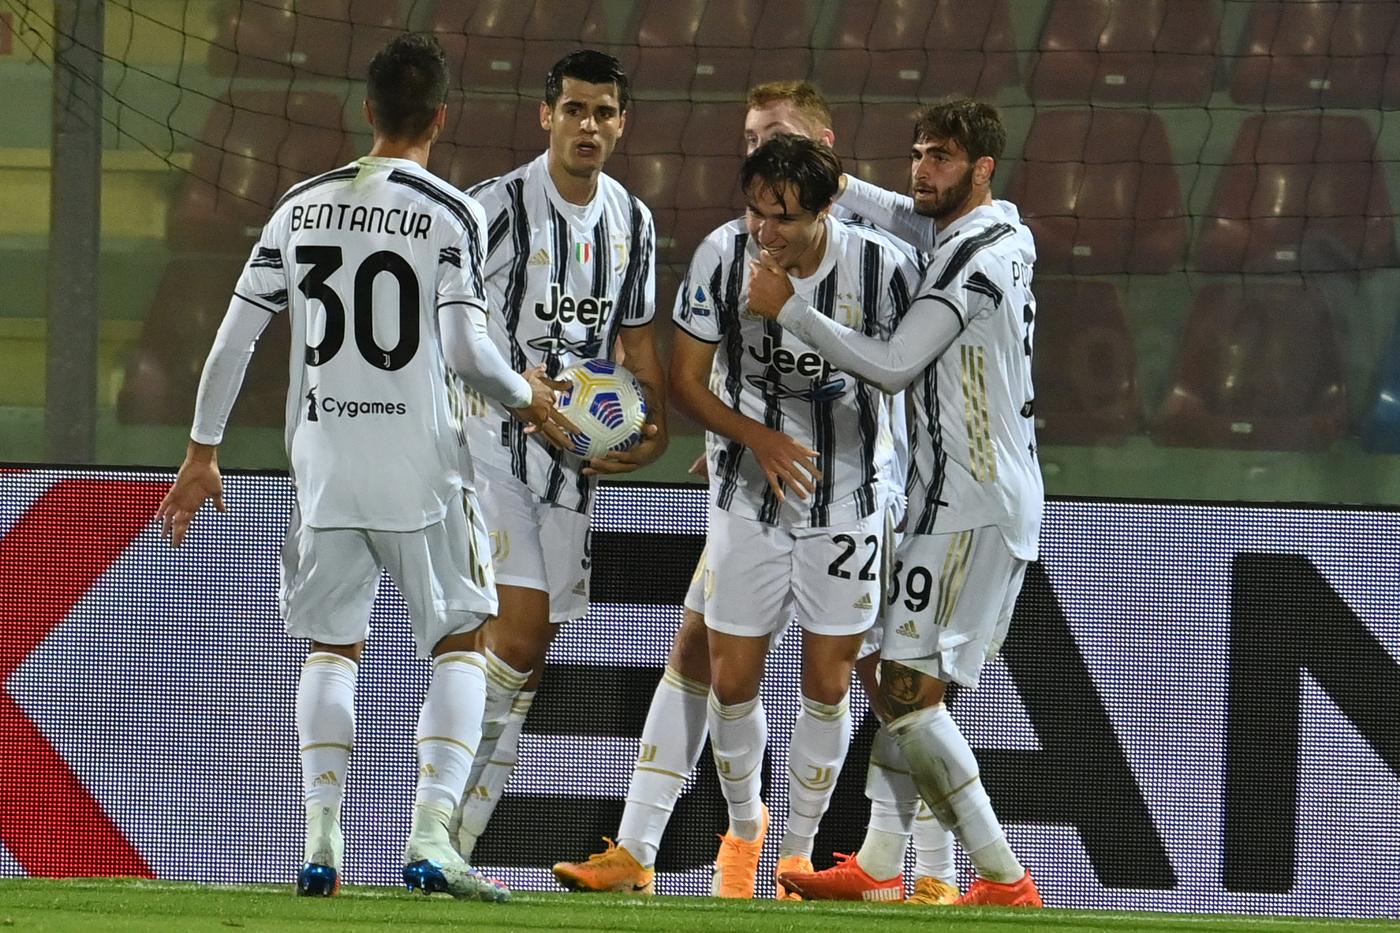 Juventus Barcellona oggi: orario, tv, programma, streaming, formazioni Champions League